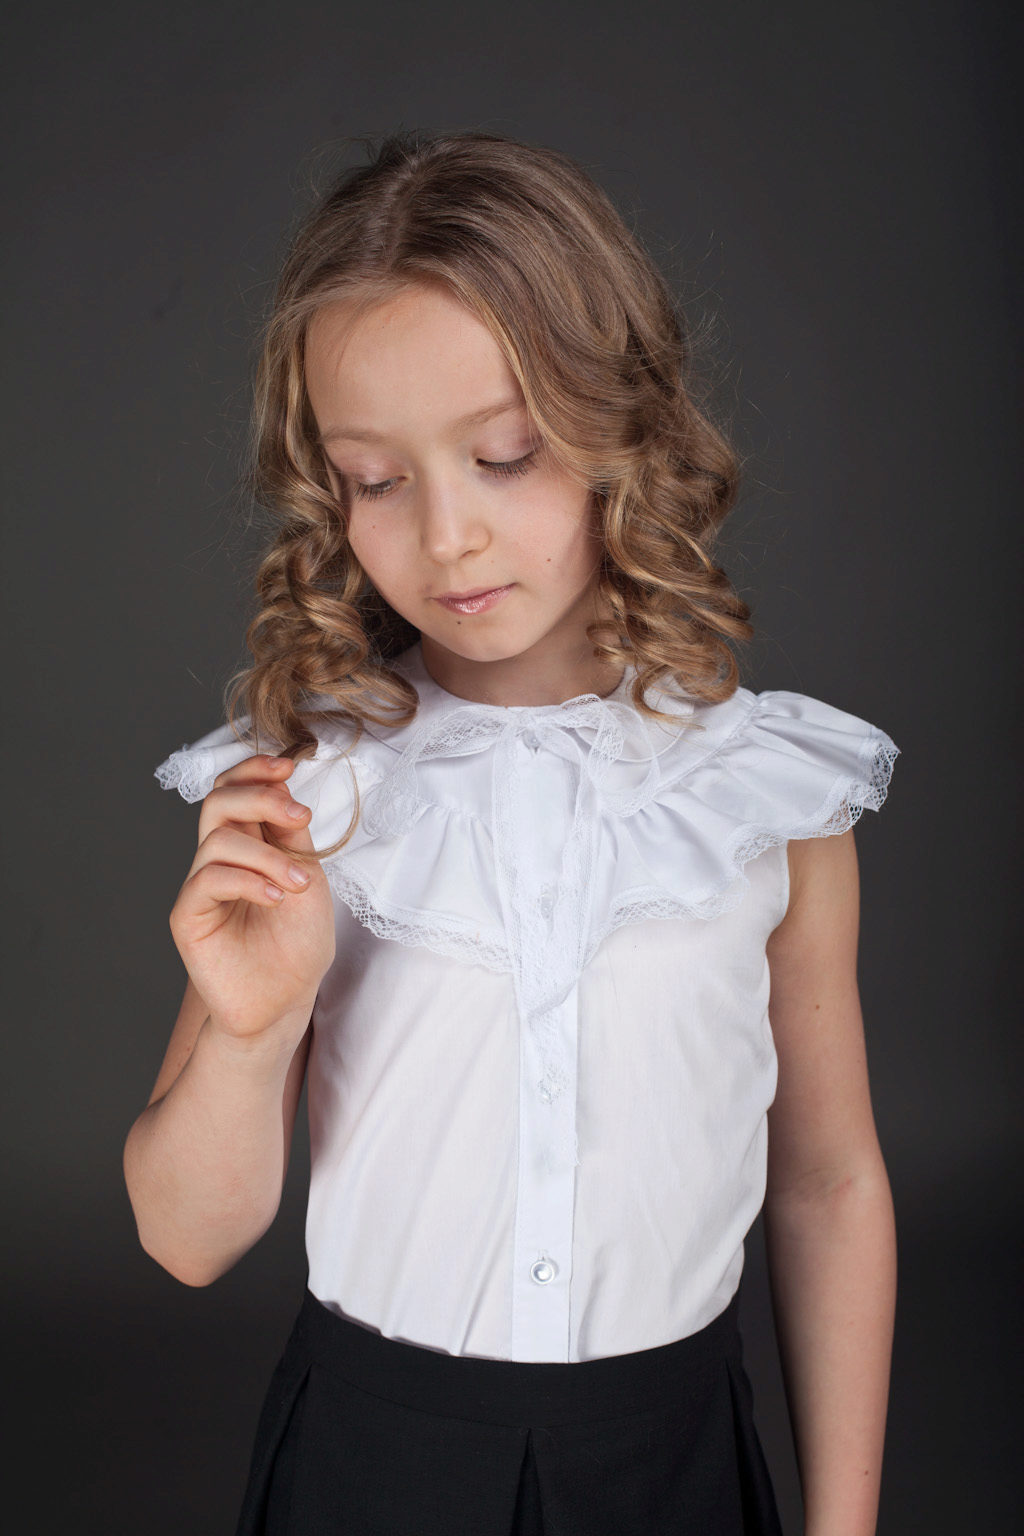 Купить Белую Блузку Для Девочки 14 Лет